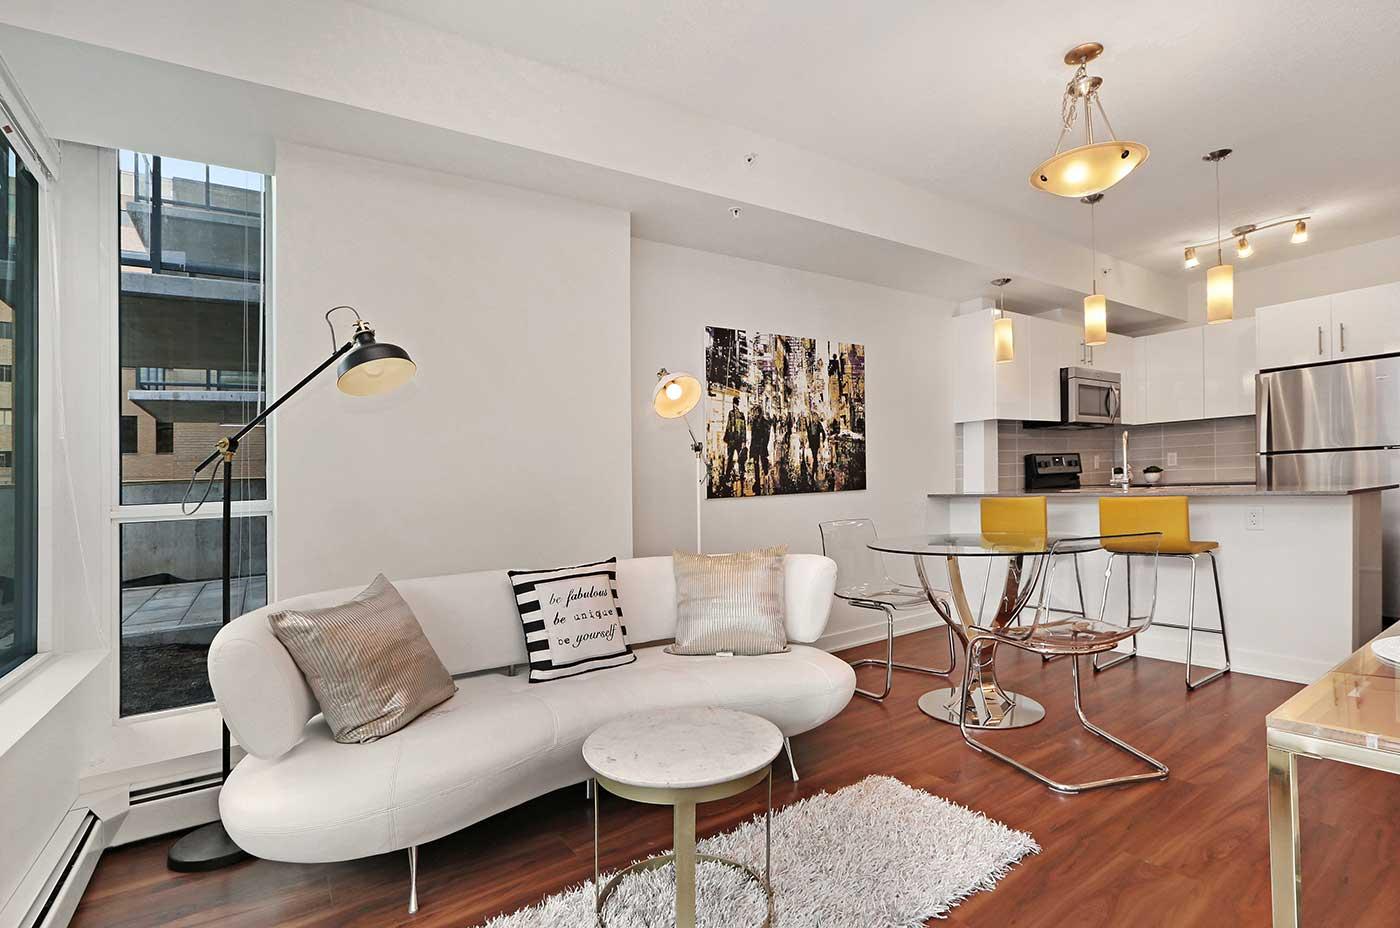 1215 Rental Apartments - One bedroom J2 Livingroom view